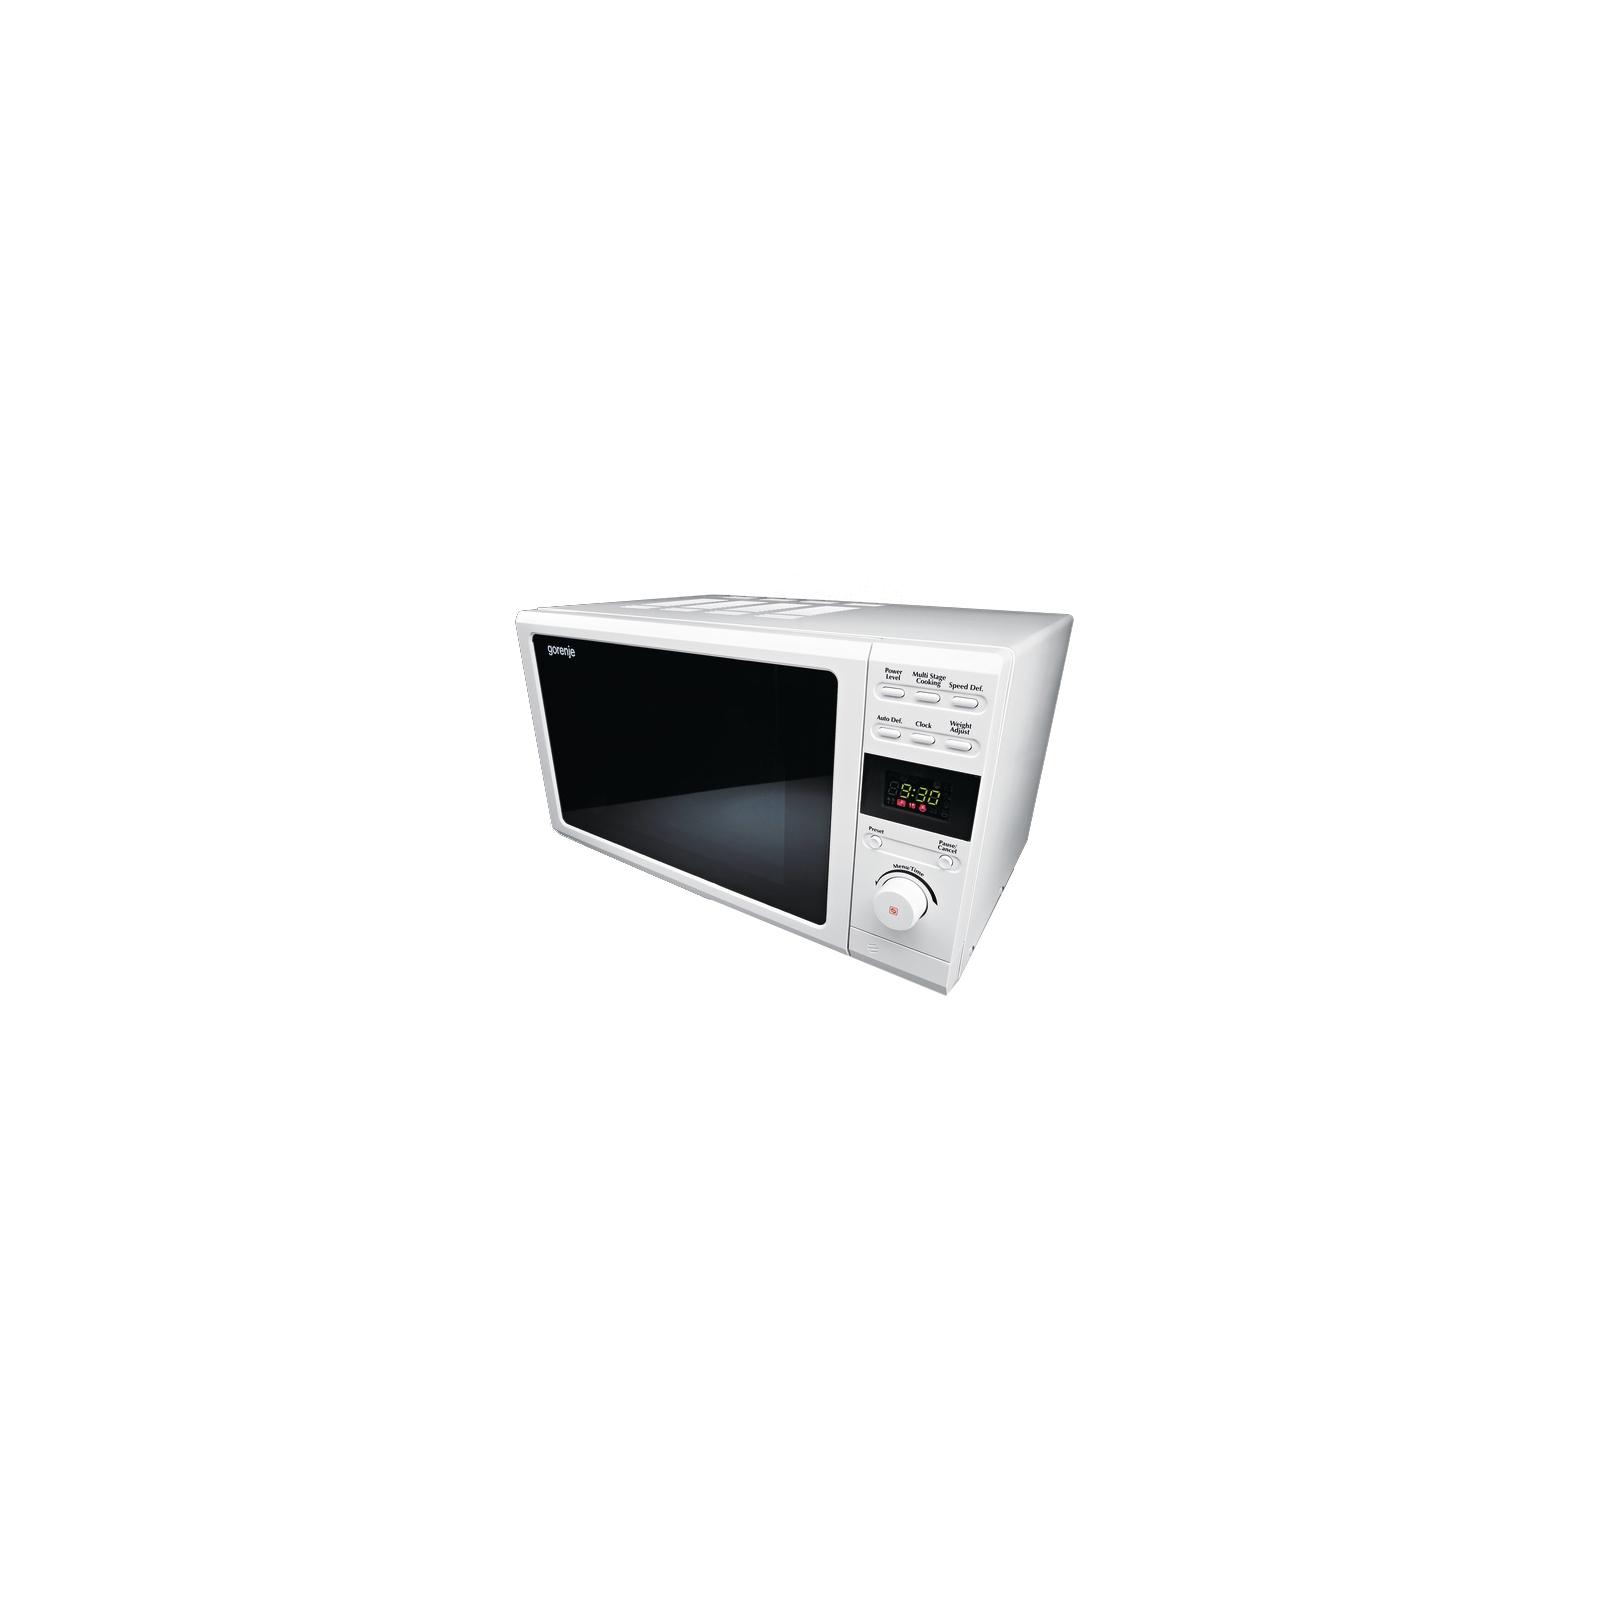 Микроволновая печь Gorenje MO17DW изображение 2